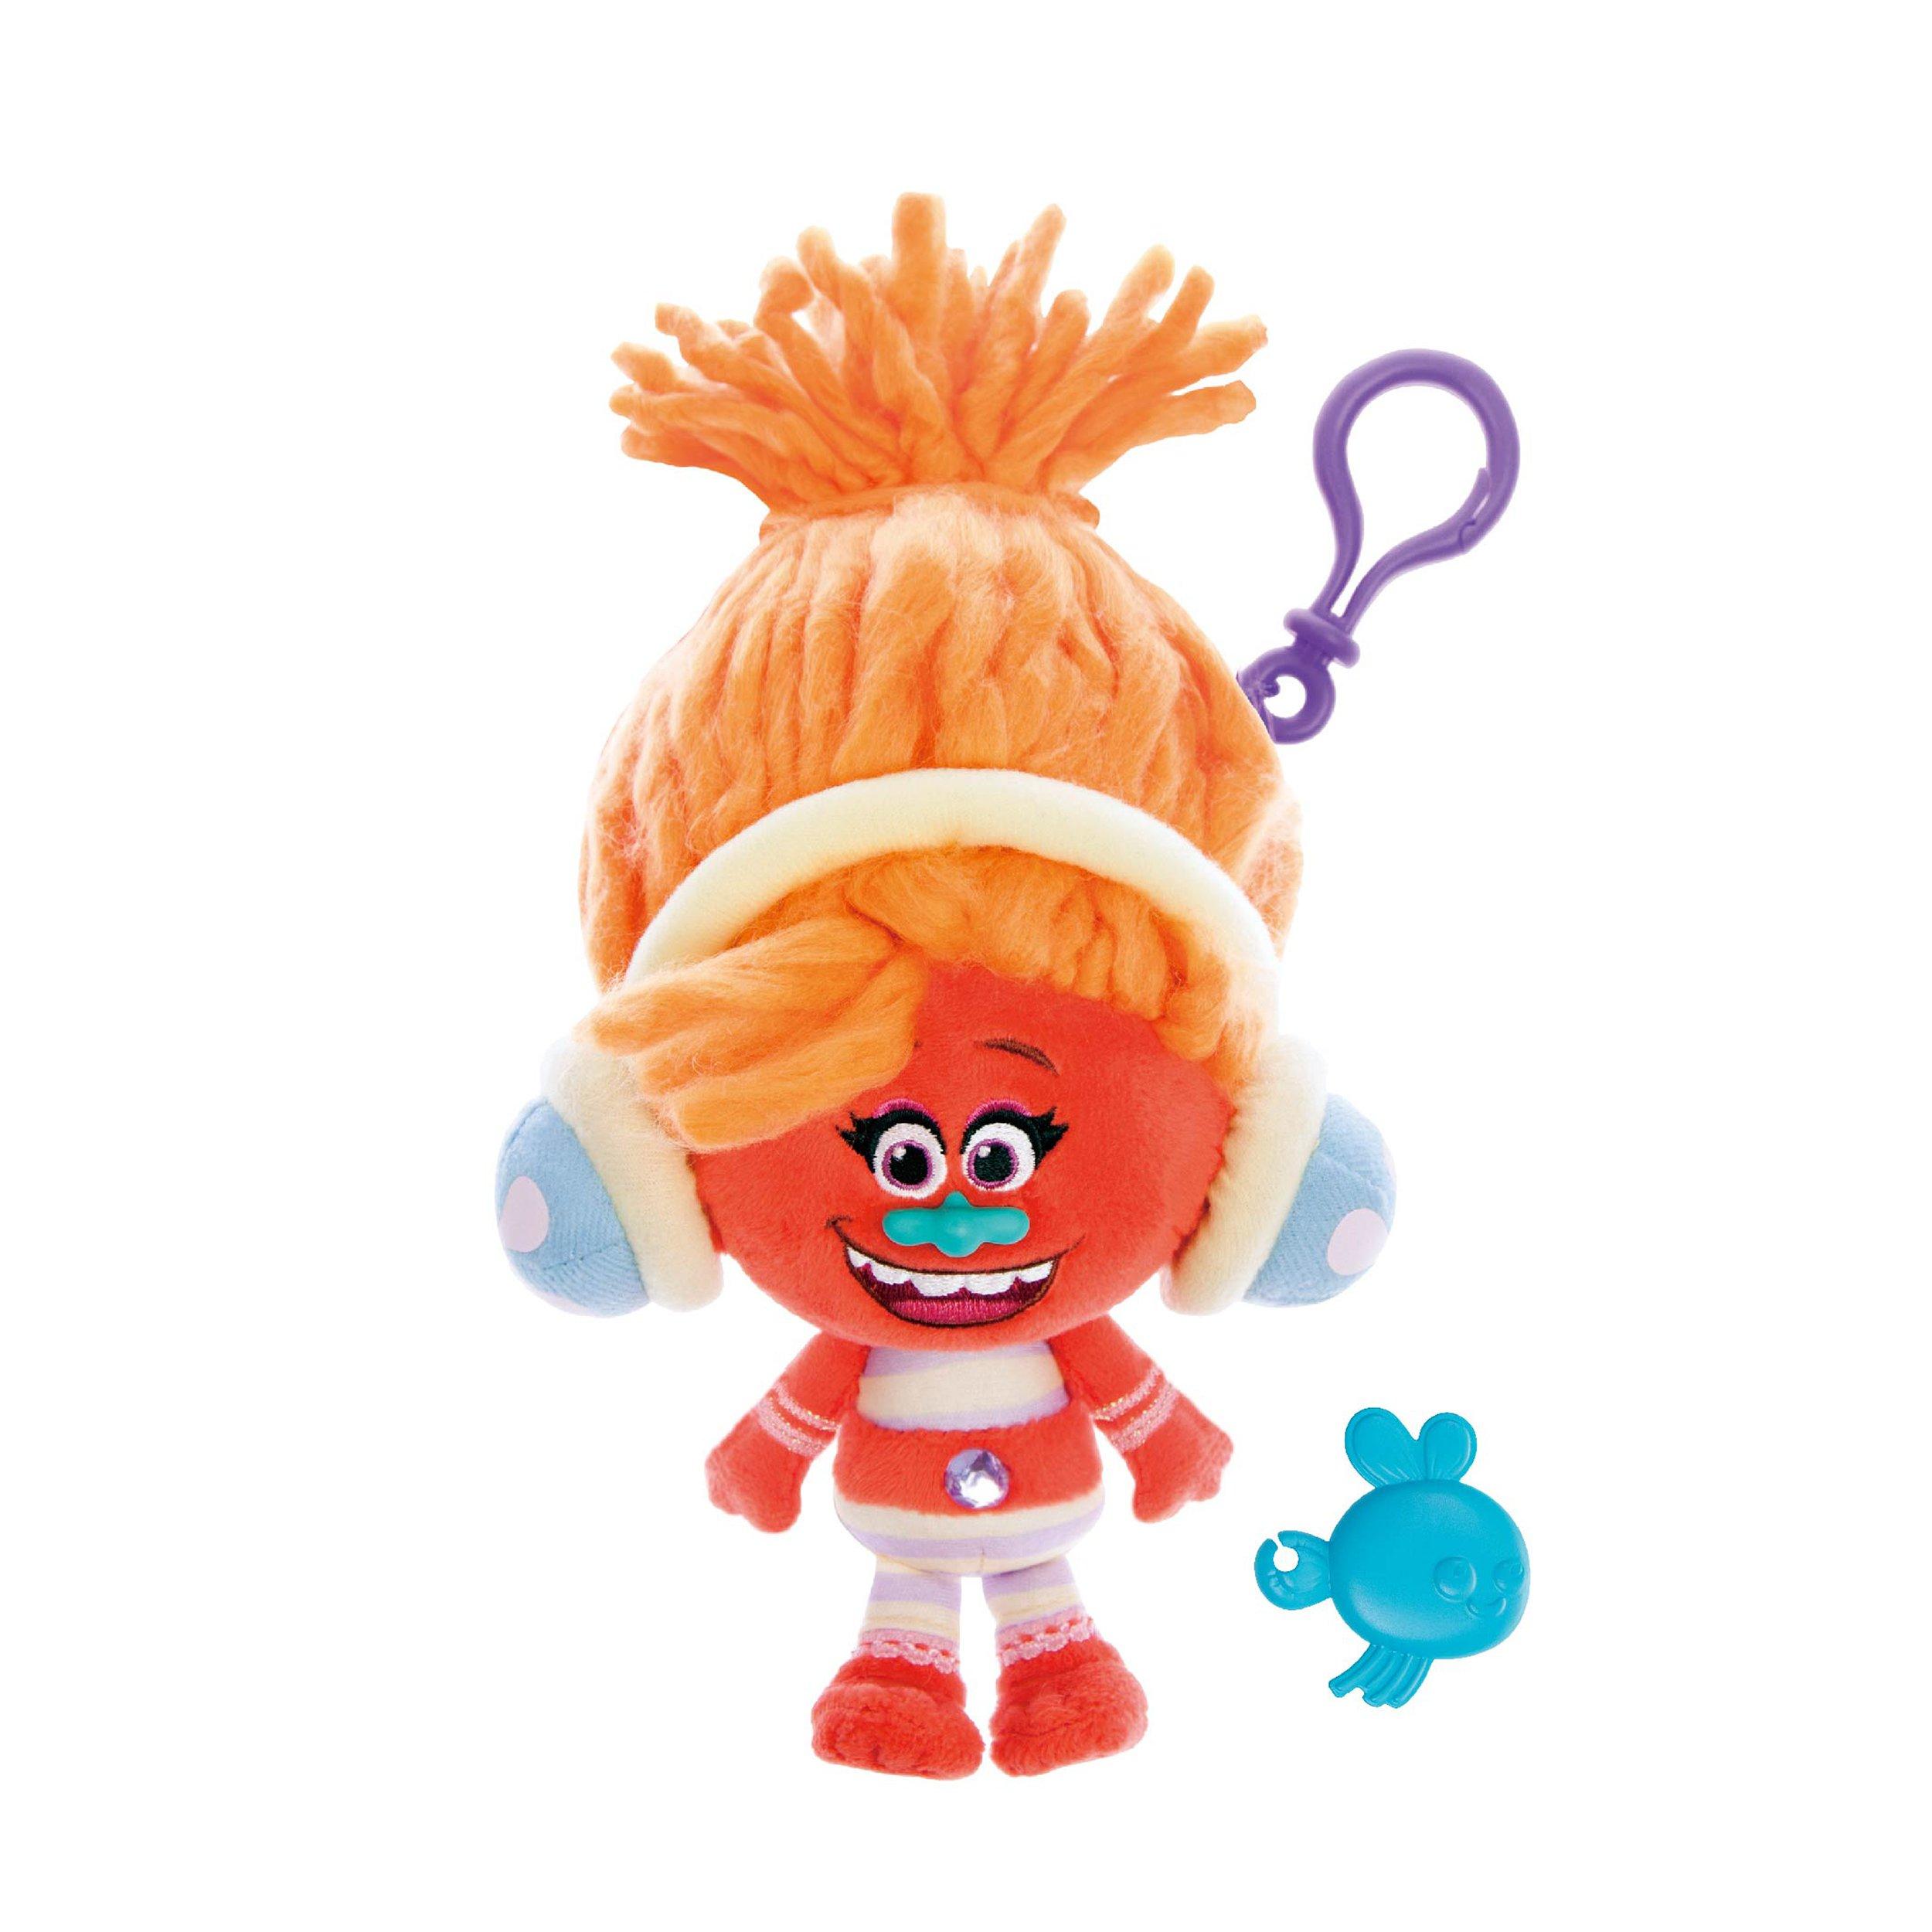 figurine breloc trolls - dj suki, 22 cm